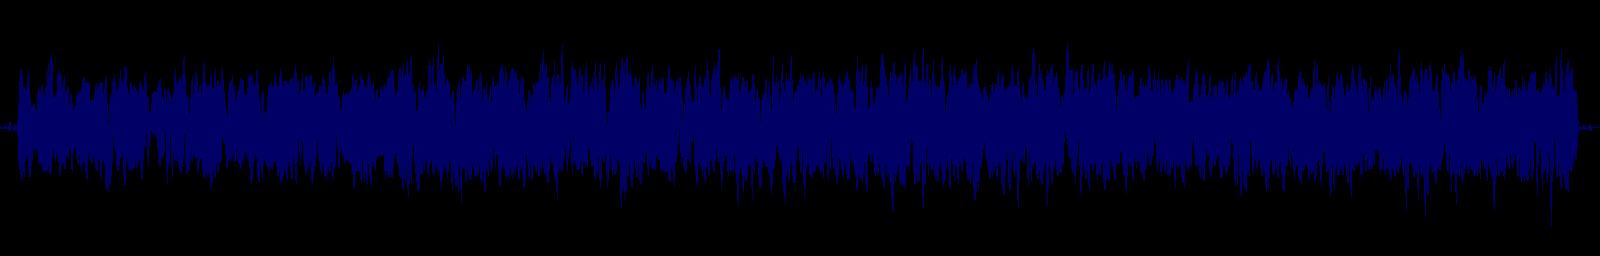 waveform of track #137337